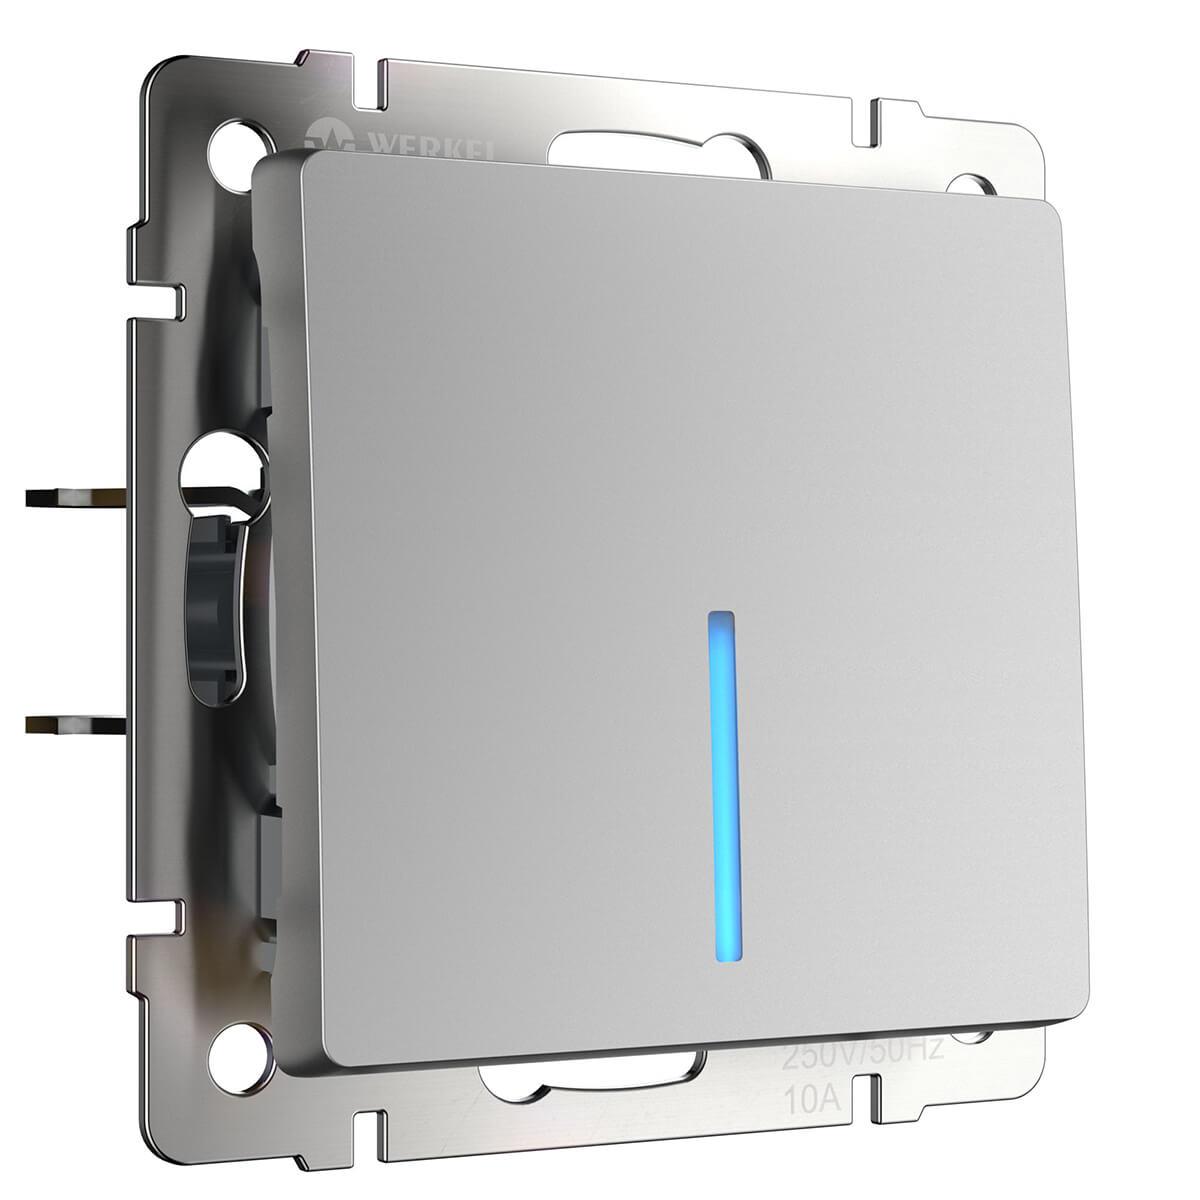 Выключатель одноклавишный с подсветкой серебряный WL06-SW-1G-LED 4690389053856 перекрестный переключатель одноклавишный серебряный wl06 sw 1g c 4690389073595